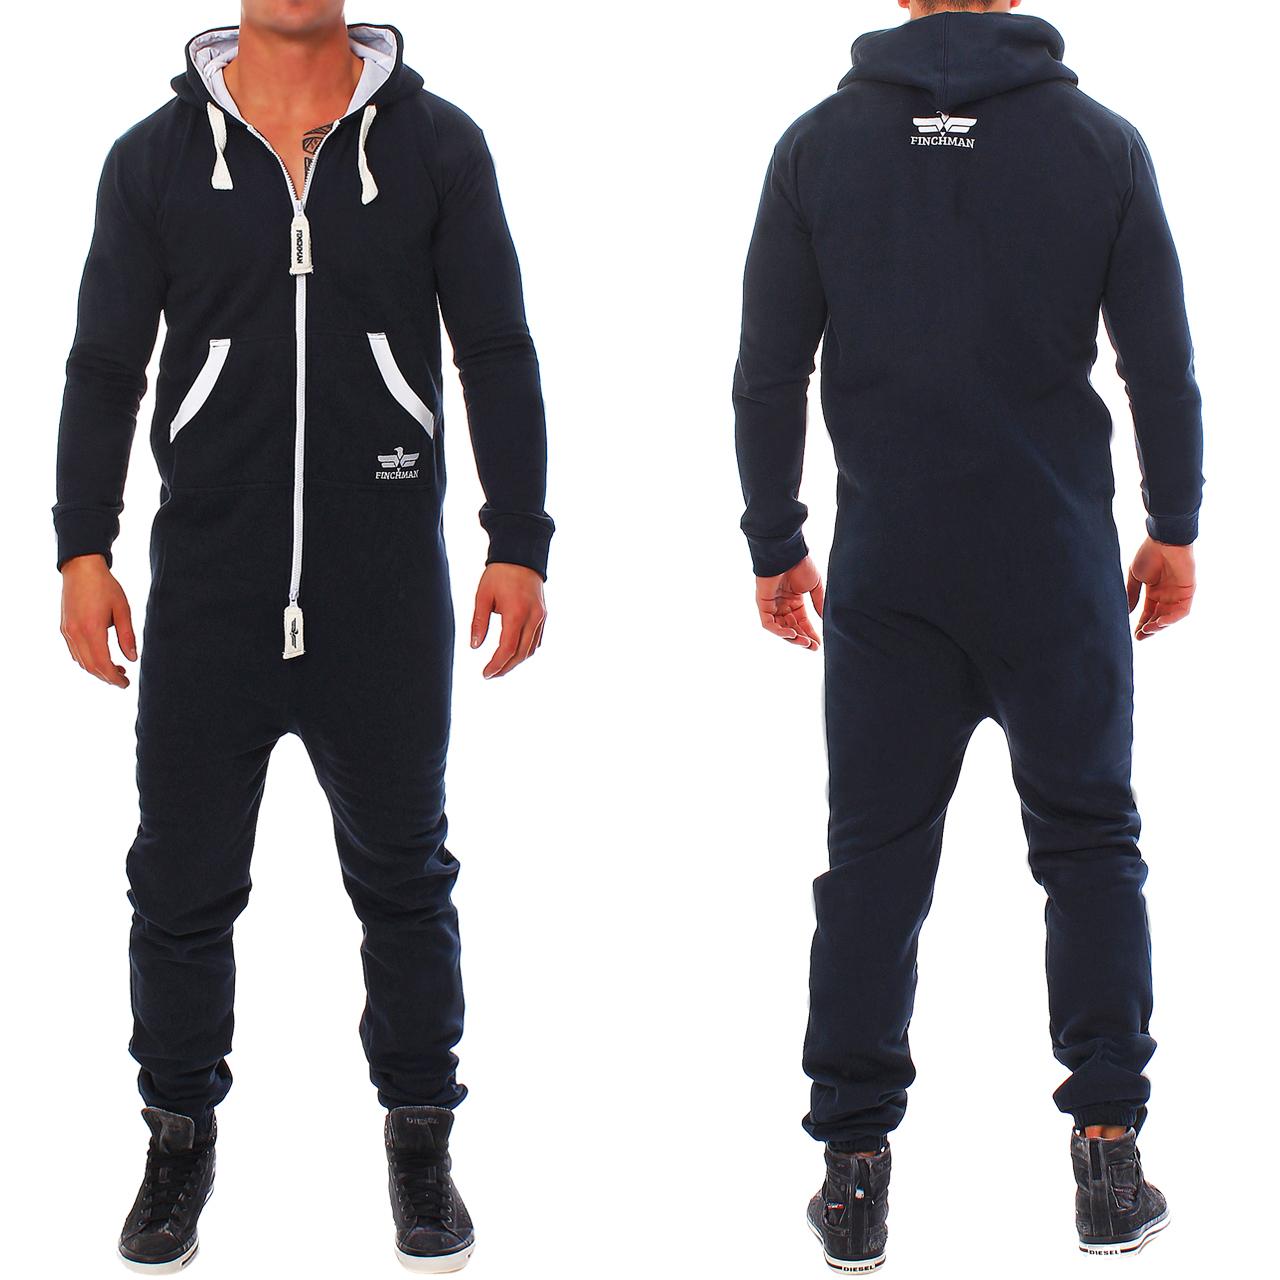 finchman men's jumpsuit jogger jogging suit tracksuit